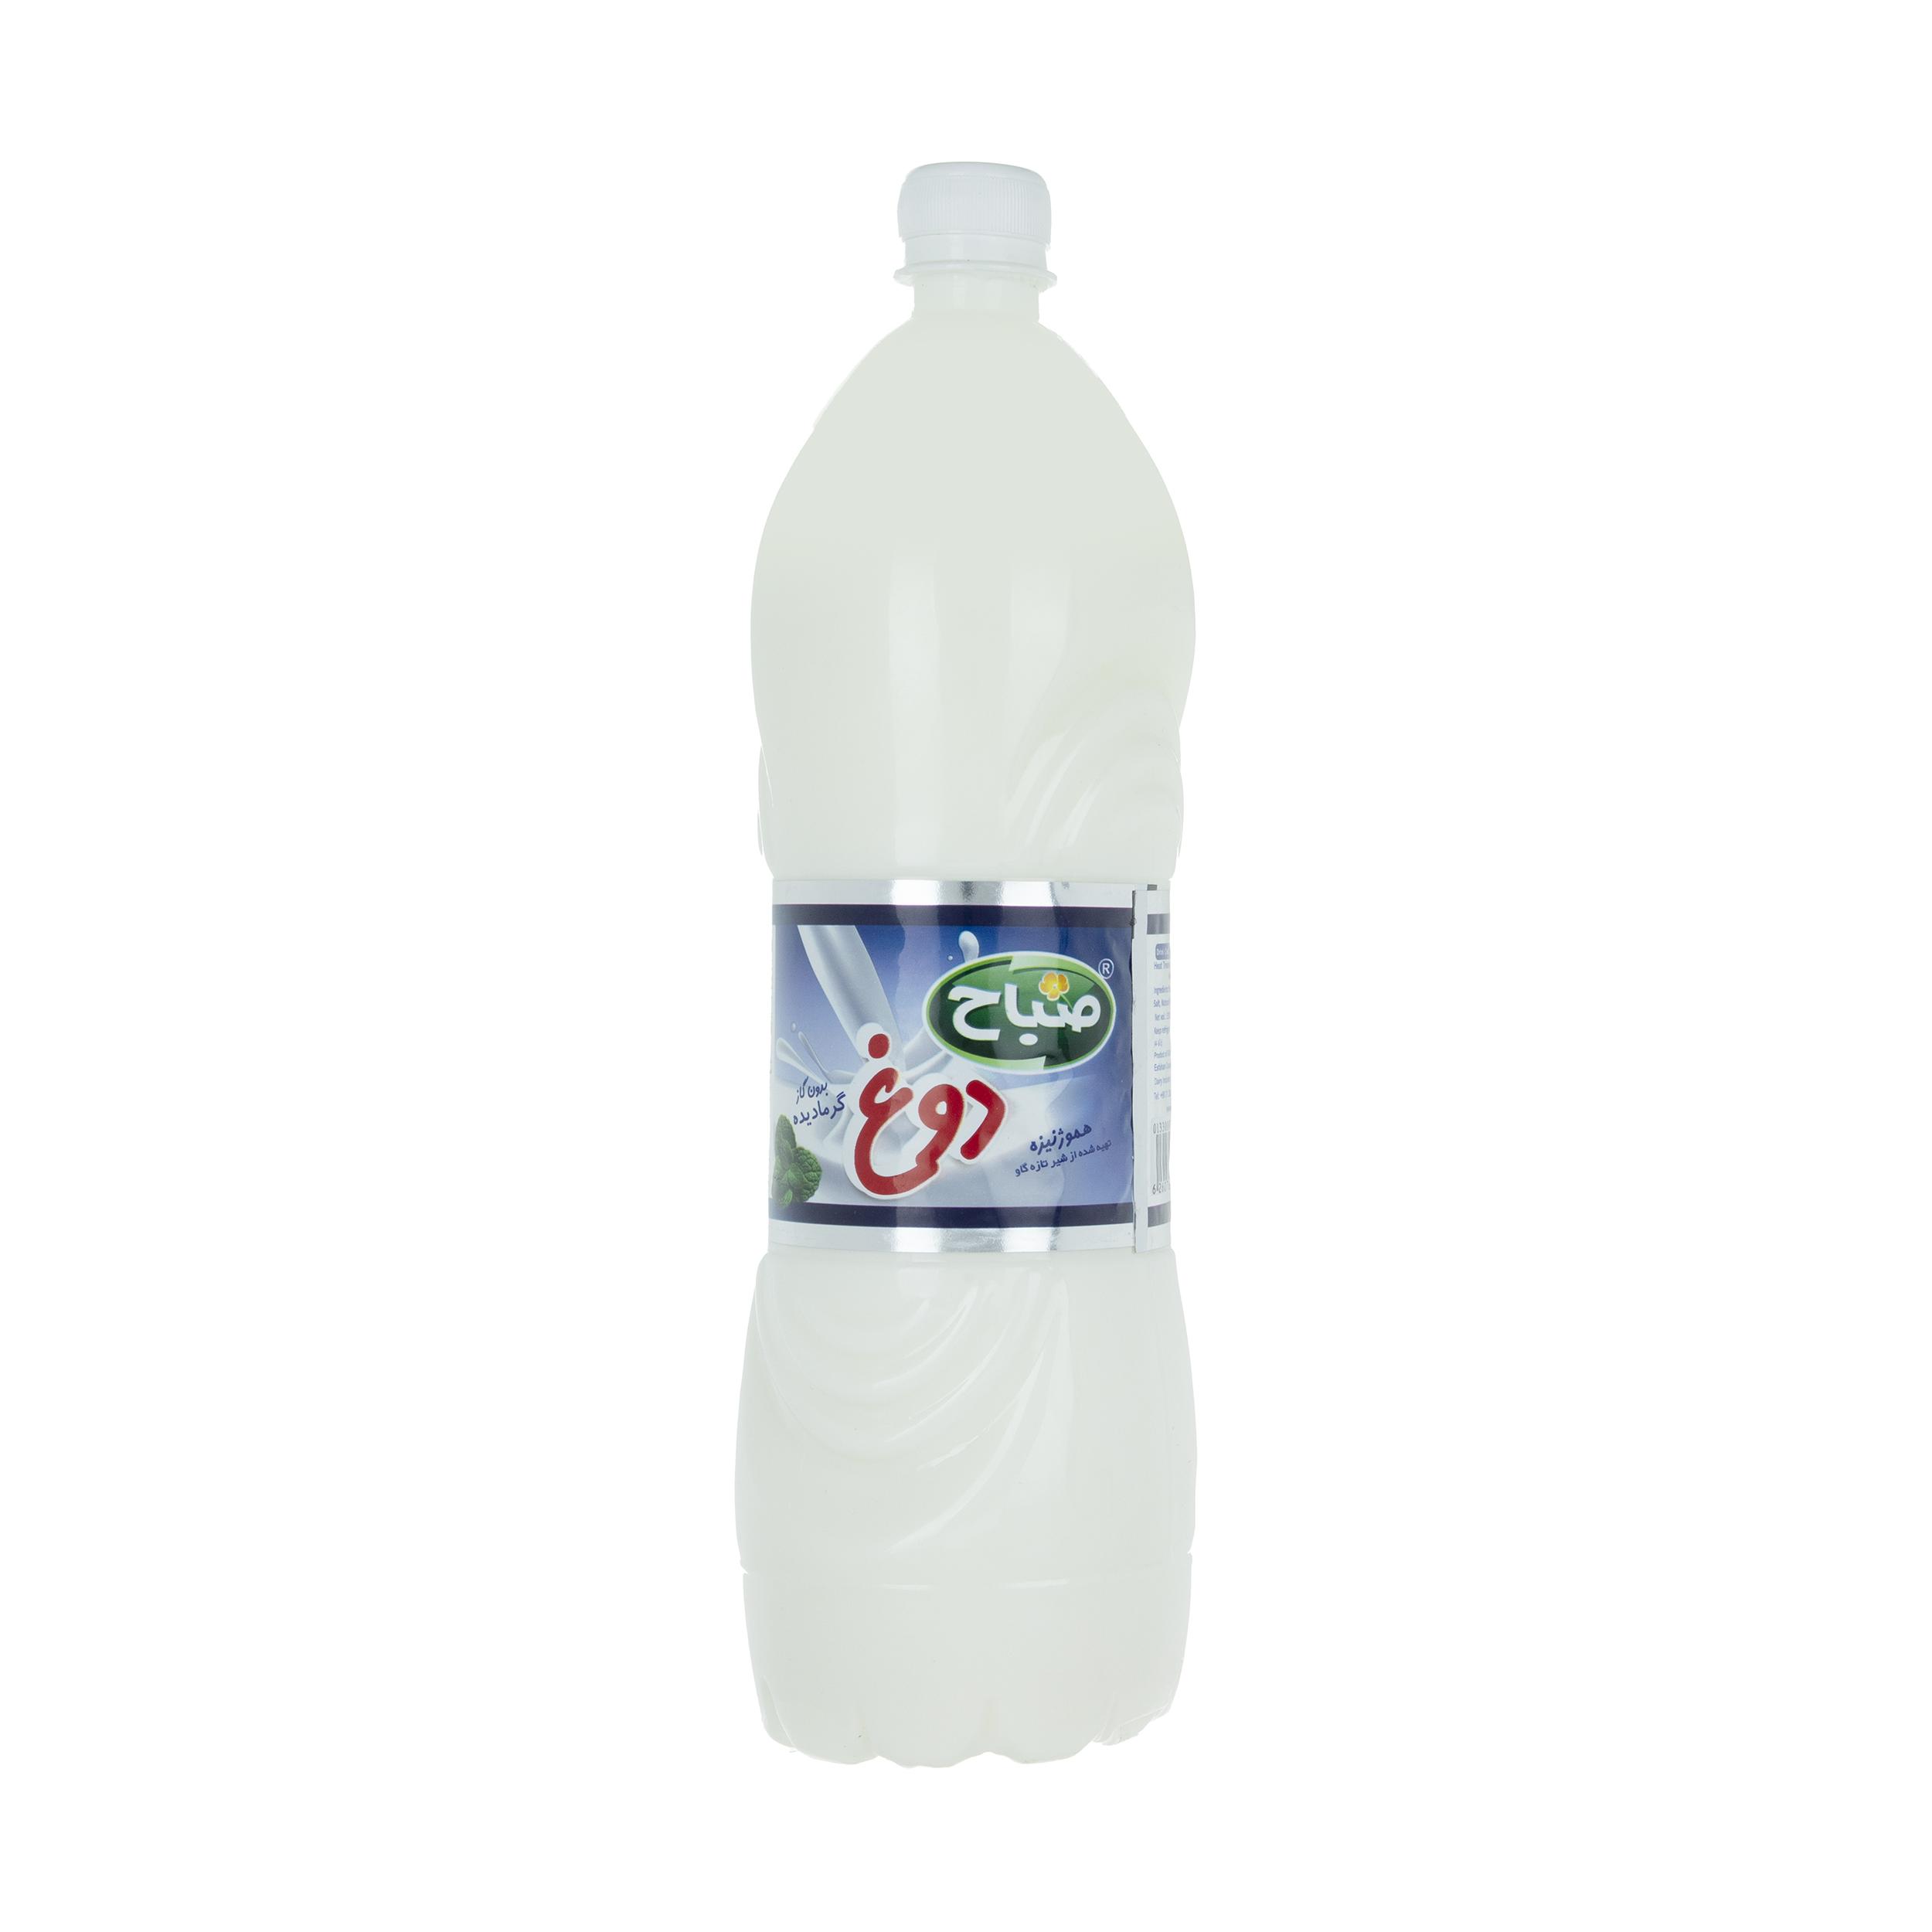 دوغ بدون گاز  با طعم نعناع صباح - حجم 1.5 لیتر